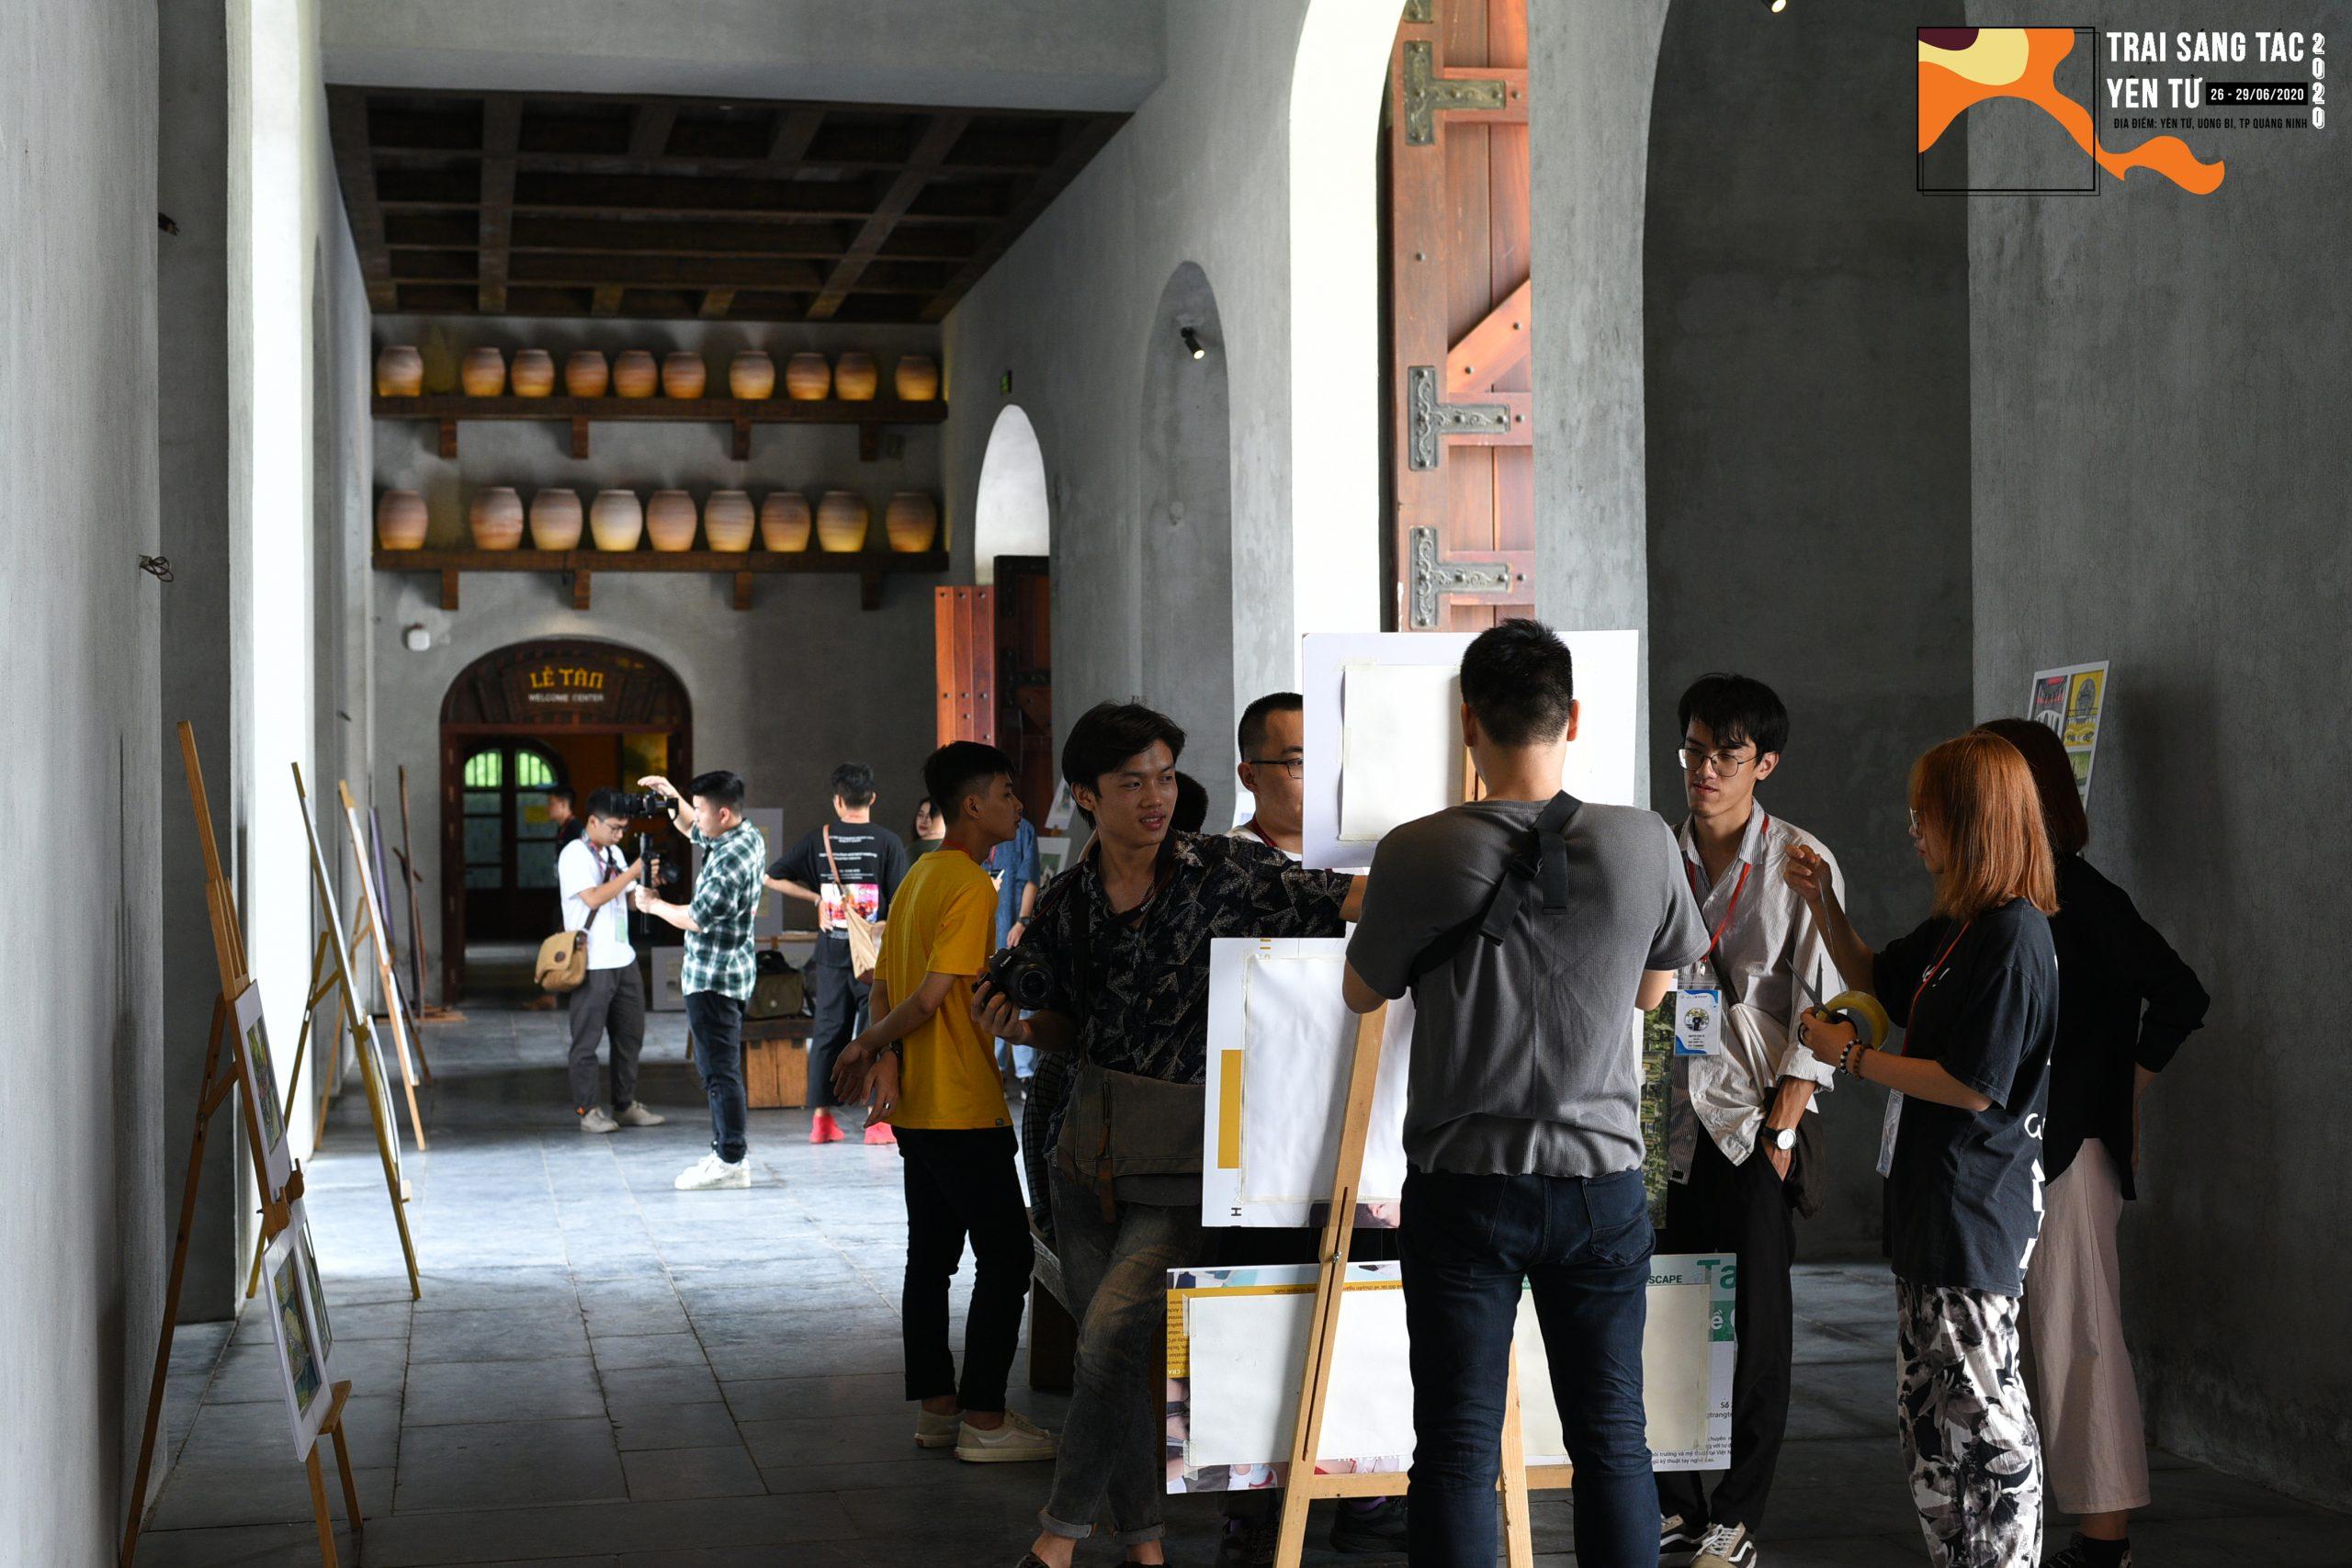 """""""Trại Sáng Tác Yên Tử 2020"""" – Trải nghiệm ý nghĩa của sinh viên Khoa Kiến Trúc & Quy Hoạch - ĐHXD"""